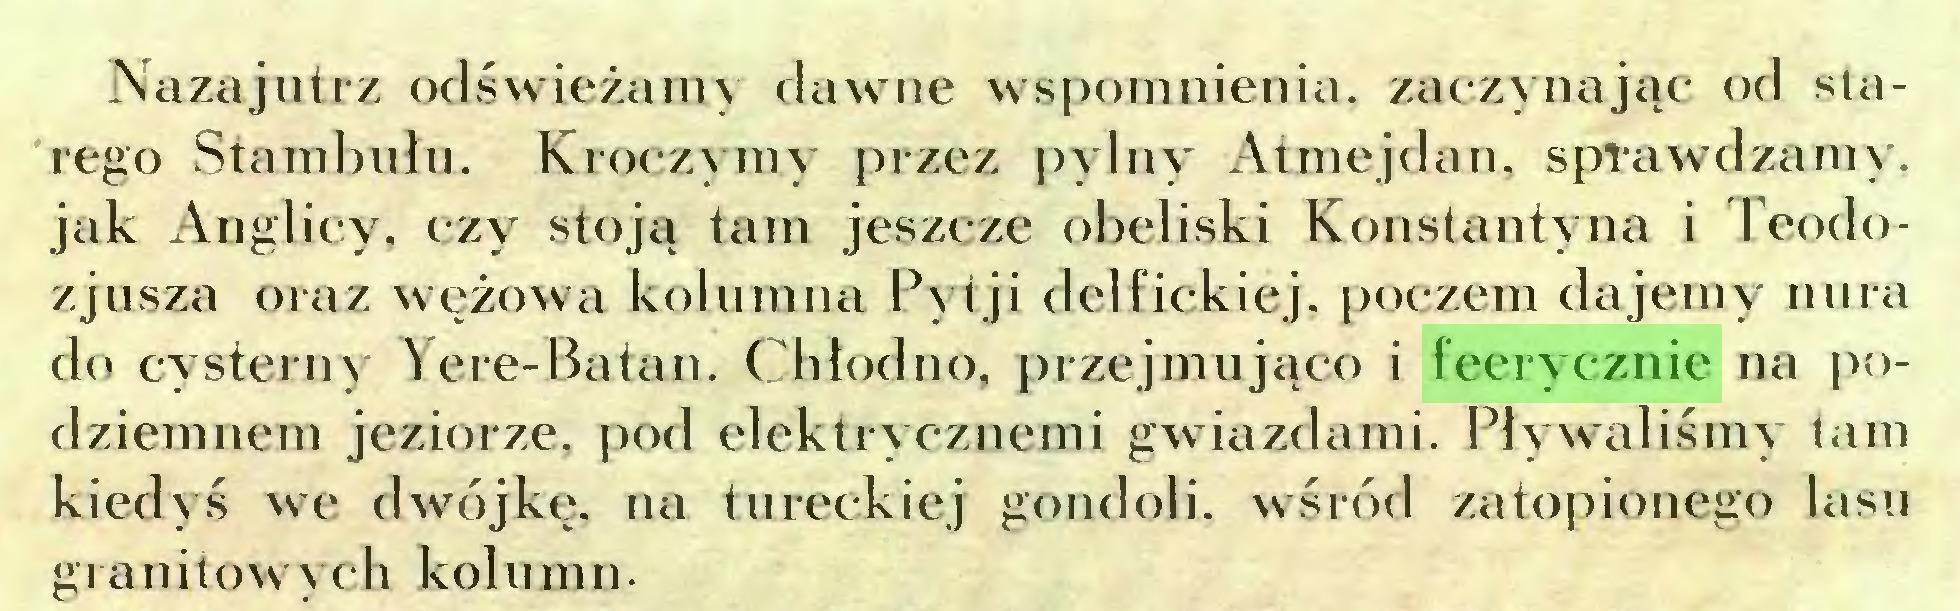 (...) Nazajutrz odświeżamy dawne wspomnienia, zaczynając od starego Stambułu. Kroczymy przez pylny Atmejdan, sprawdzamy, jak Anglicy, czy stoją tam jeszcze obeliski Konstantyna i I eodozjusza oraz wężowa kolumna Pyt ji delfickiej. poczem dajemy nura do cysterny Yere-Batan. Chłodno, przejmująco i feerycznie na podziemnem jeziorze, pod elektrycznemi gwiazdami. Pływaliśmy tam kiedyś we dwójkę, na tureckiej gondoli, wśród zatopionego lasu granitowych kolumn...